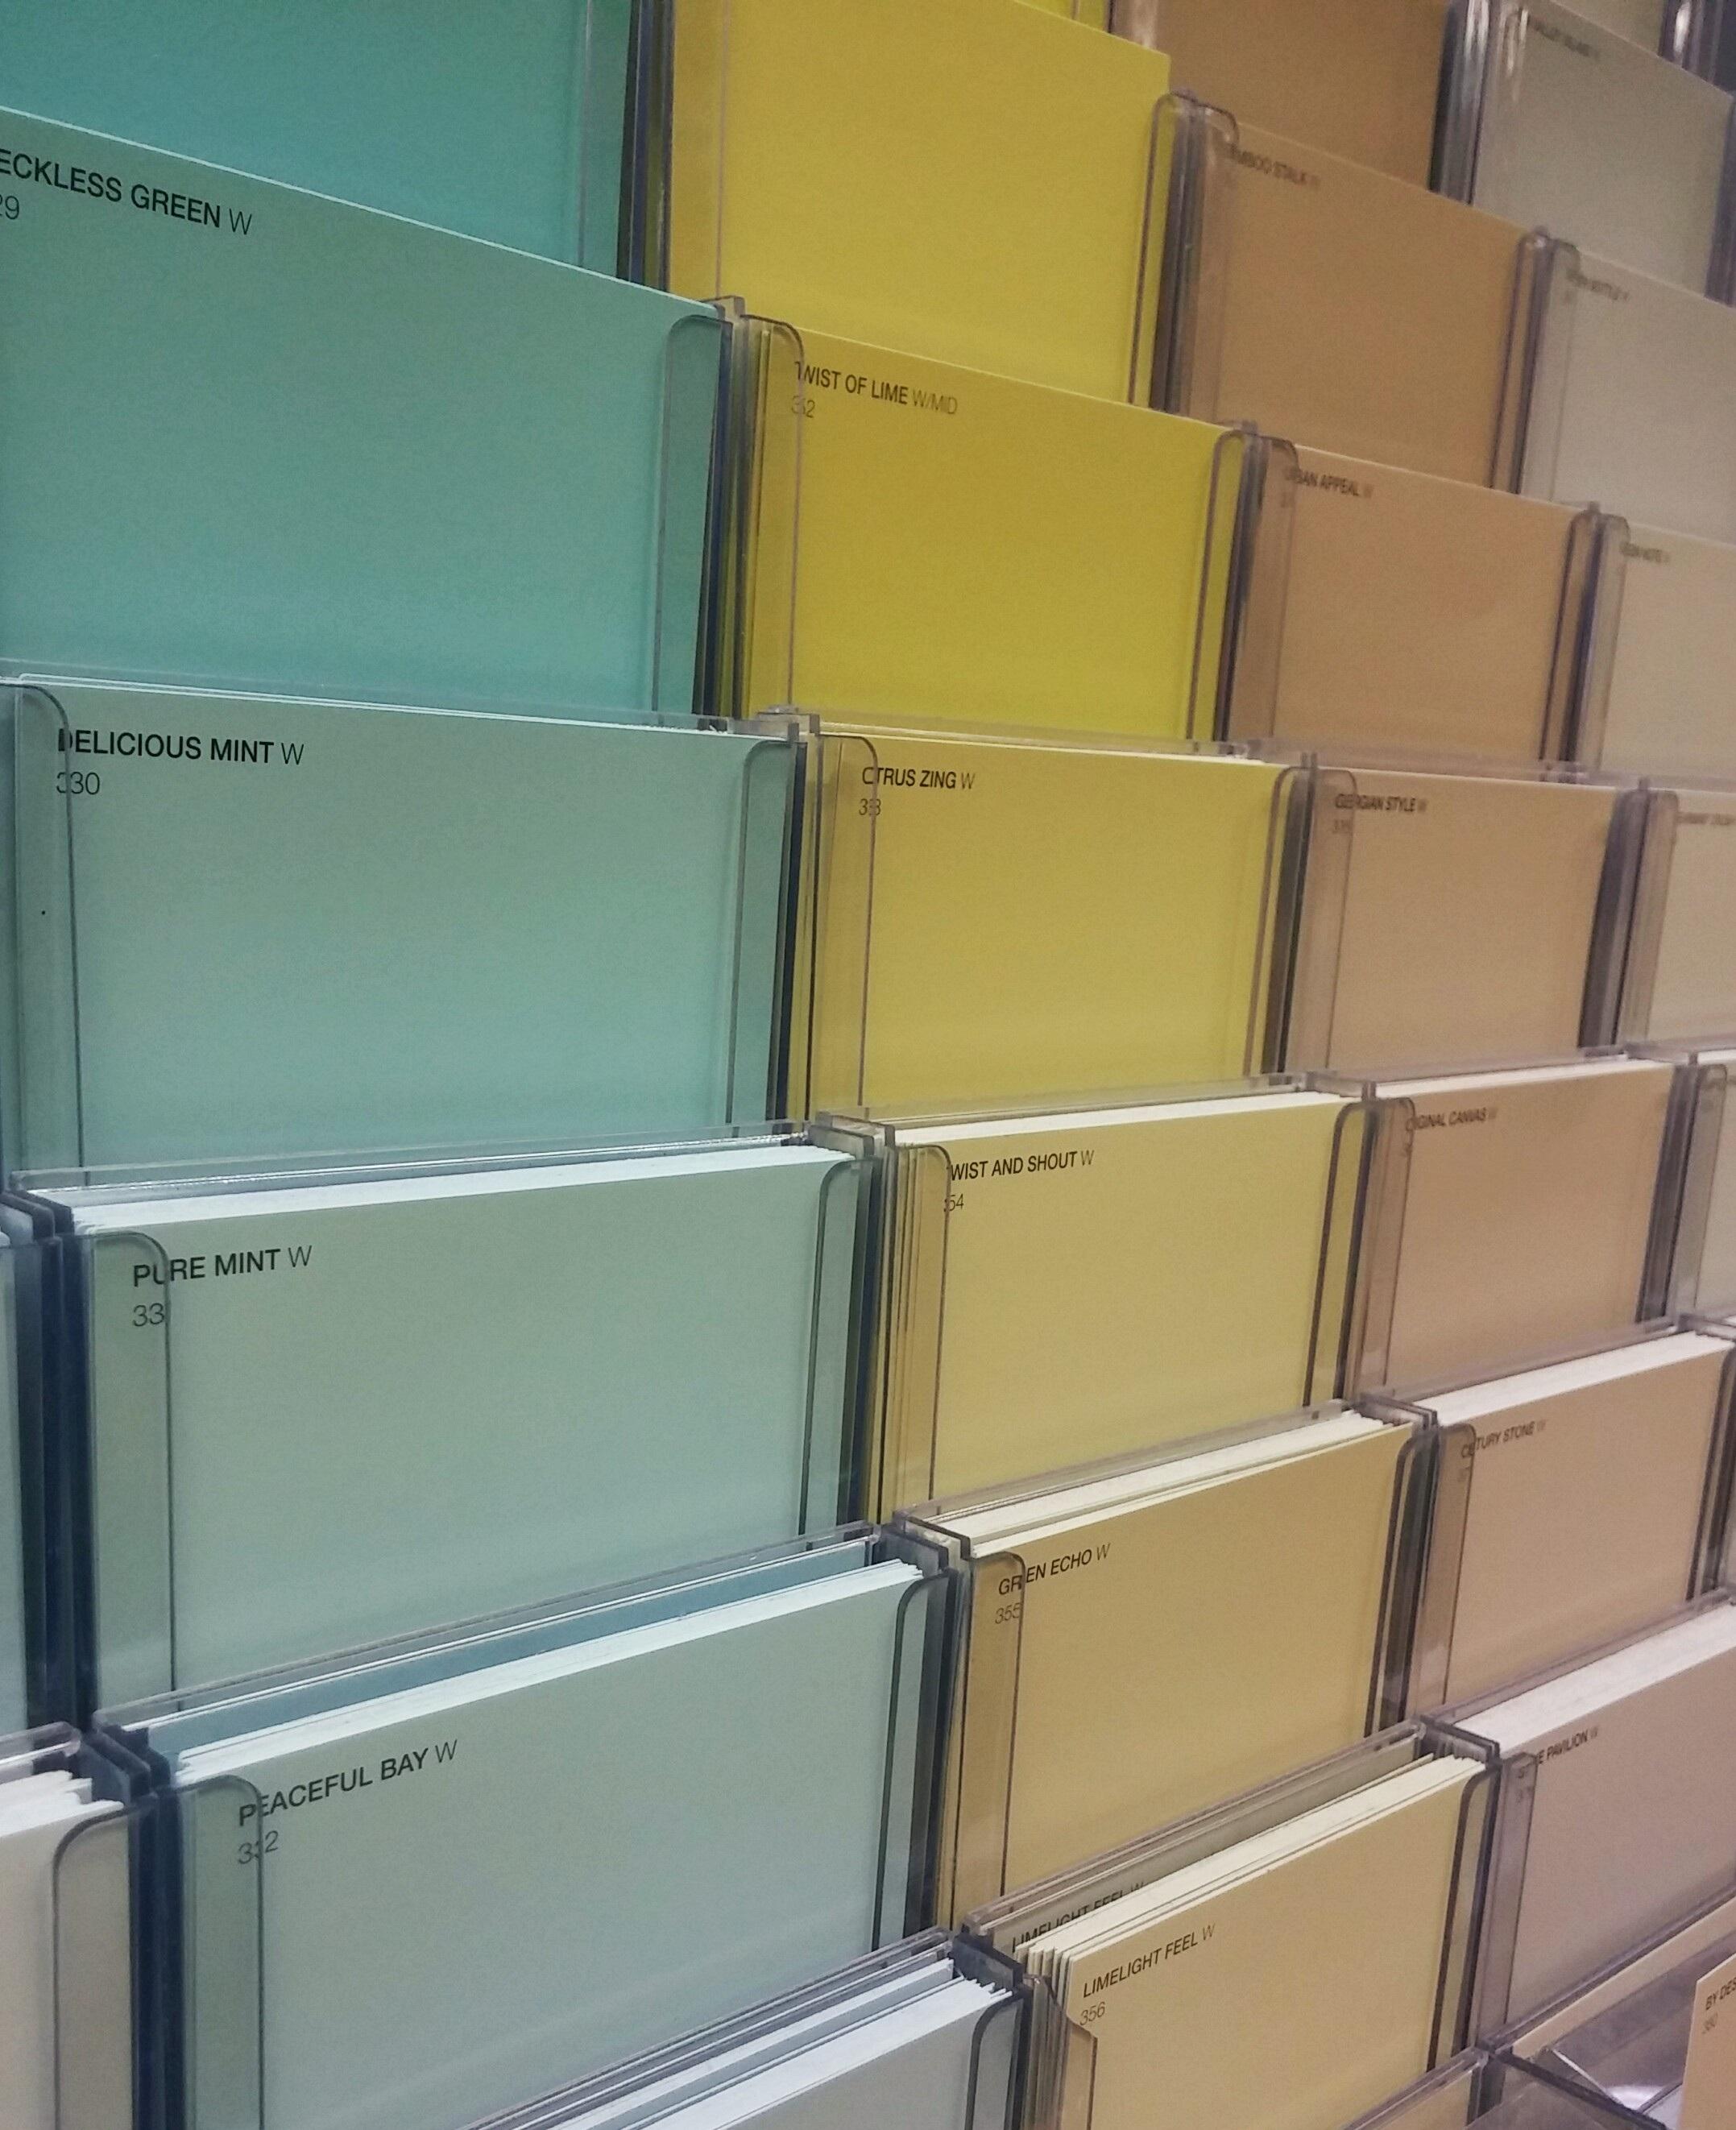 bois sol mur peindre tuile tagre bleu meubles jaune design dintrieur art conception couleurs